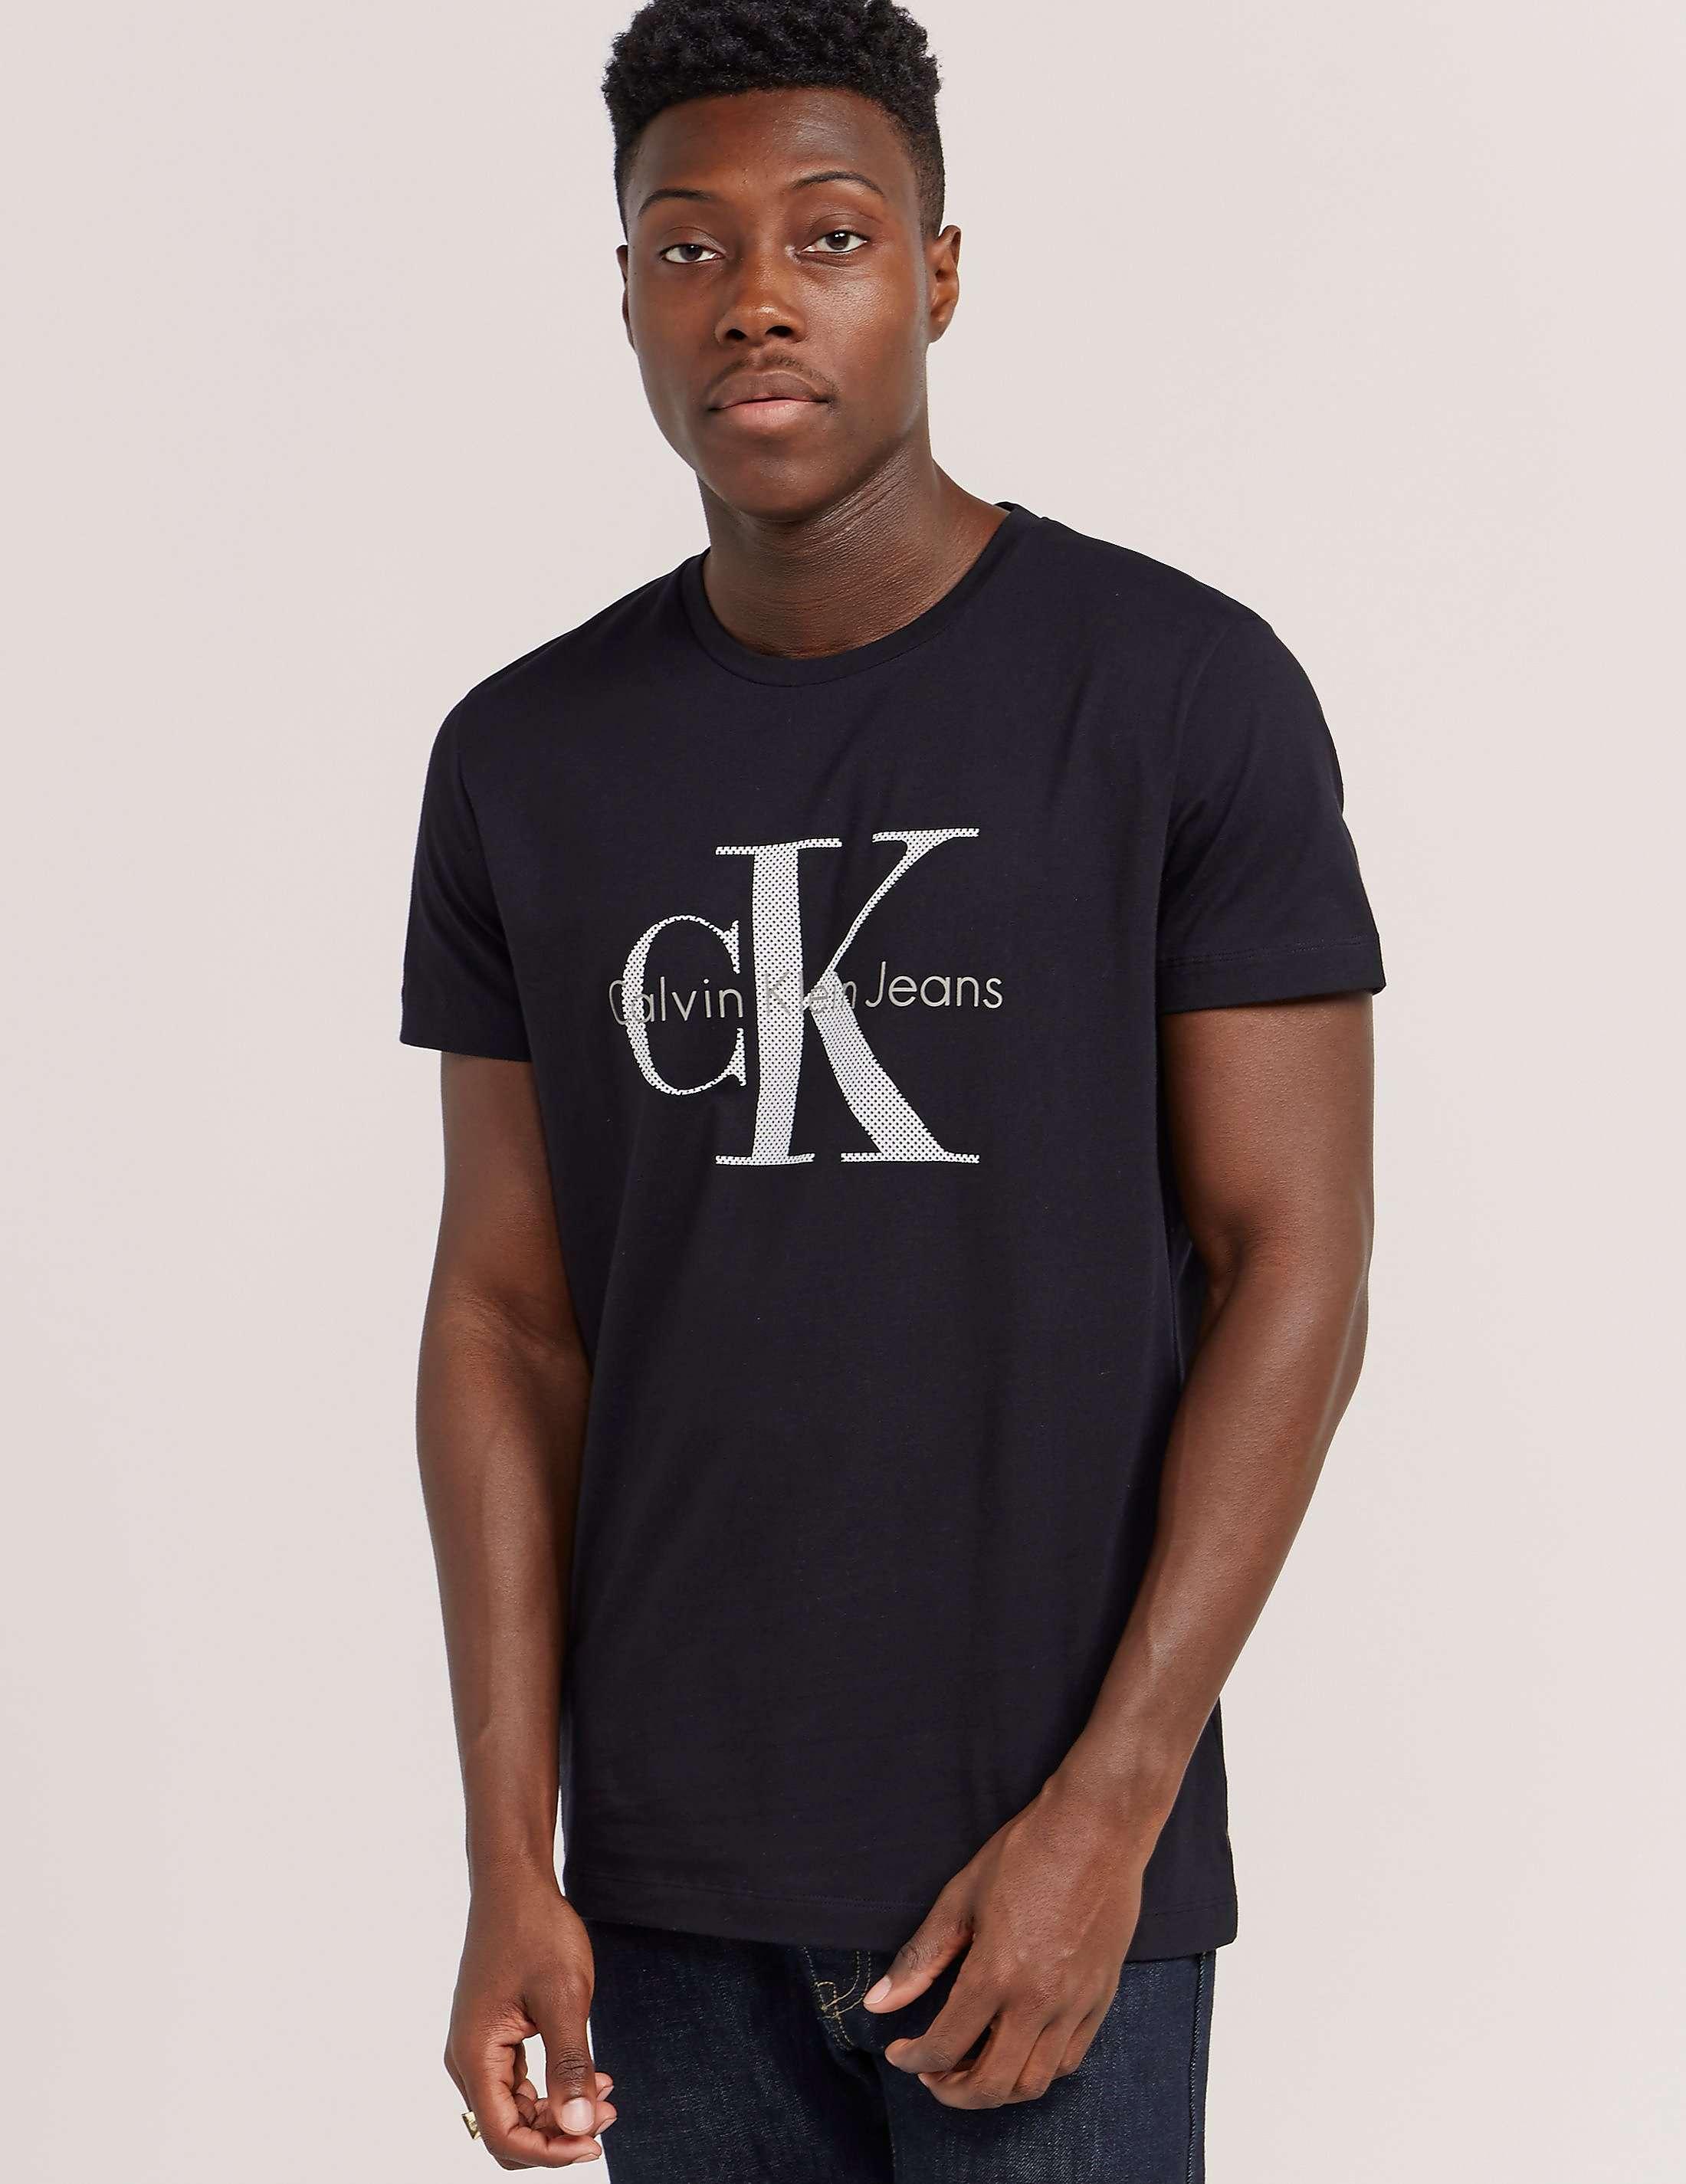 Black t shirt calvin klein - Black T Shirt Calvin Klein 27